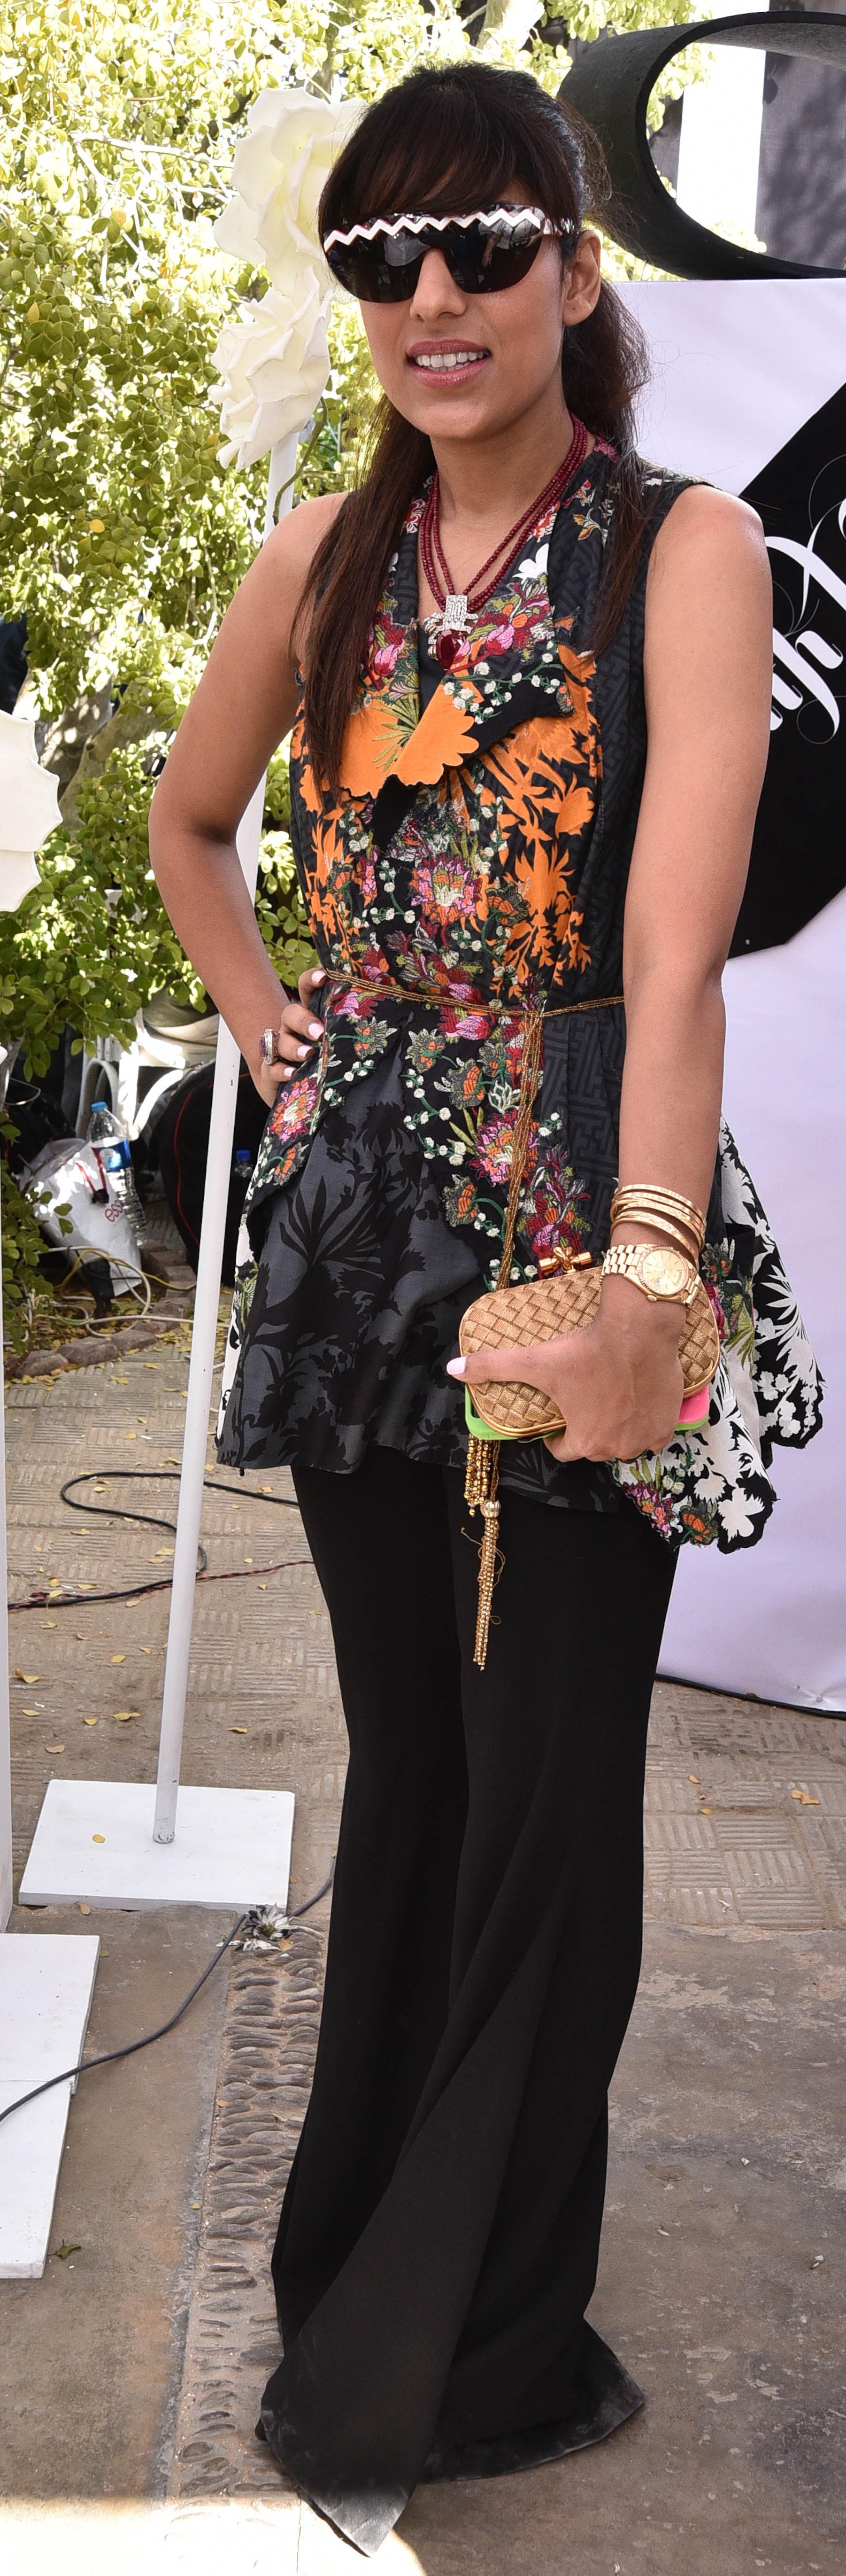 Maira Pagganwala